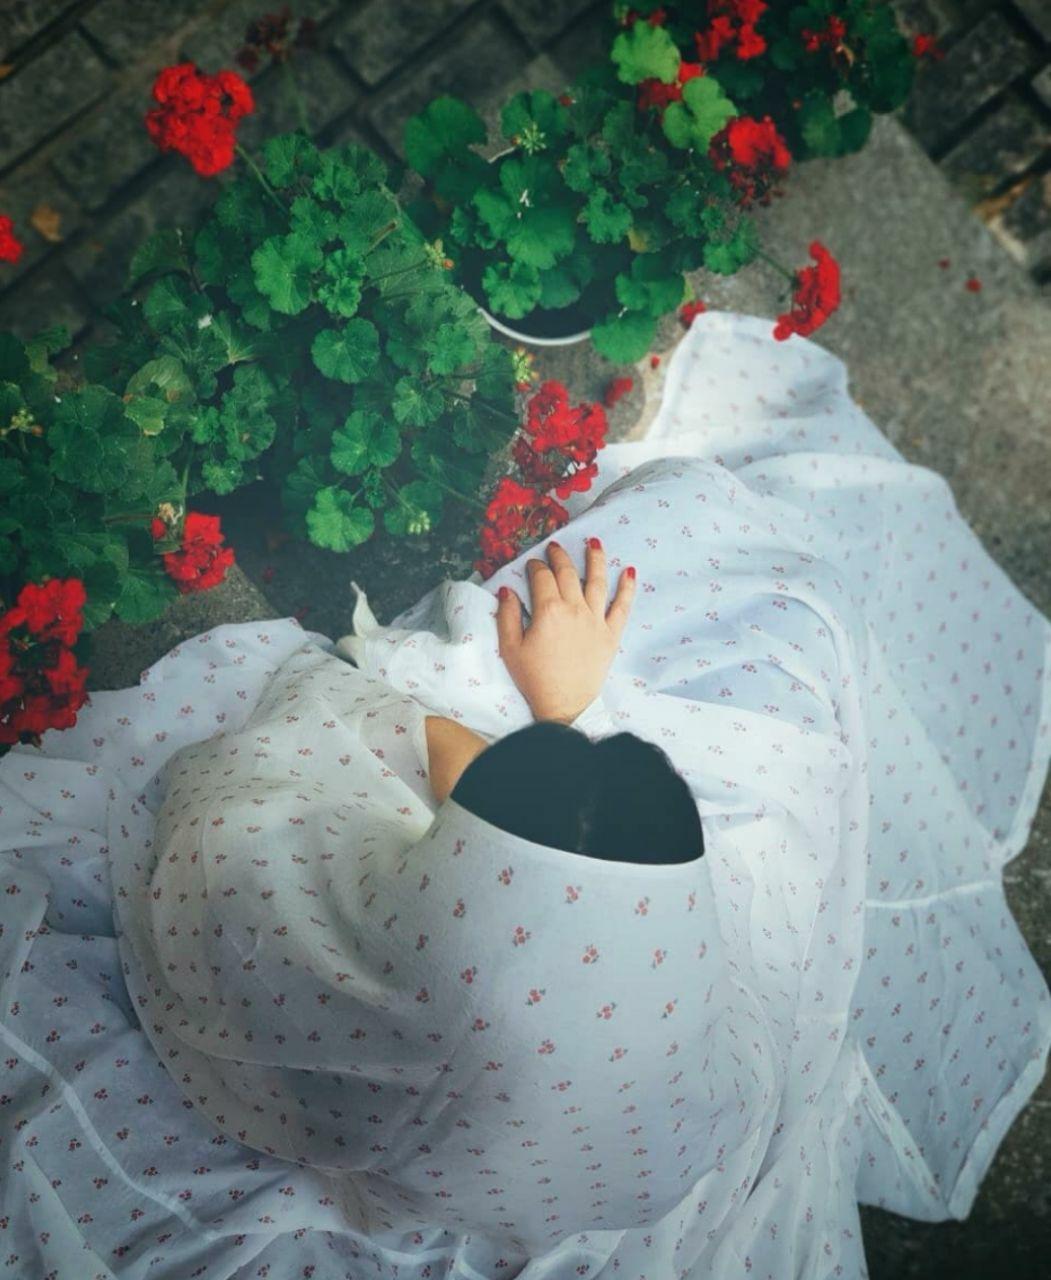 عکس زیبا از دختر چادری